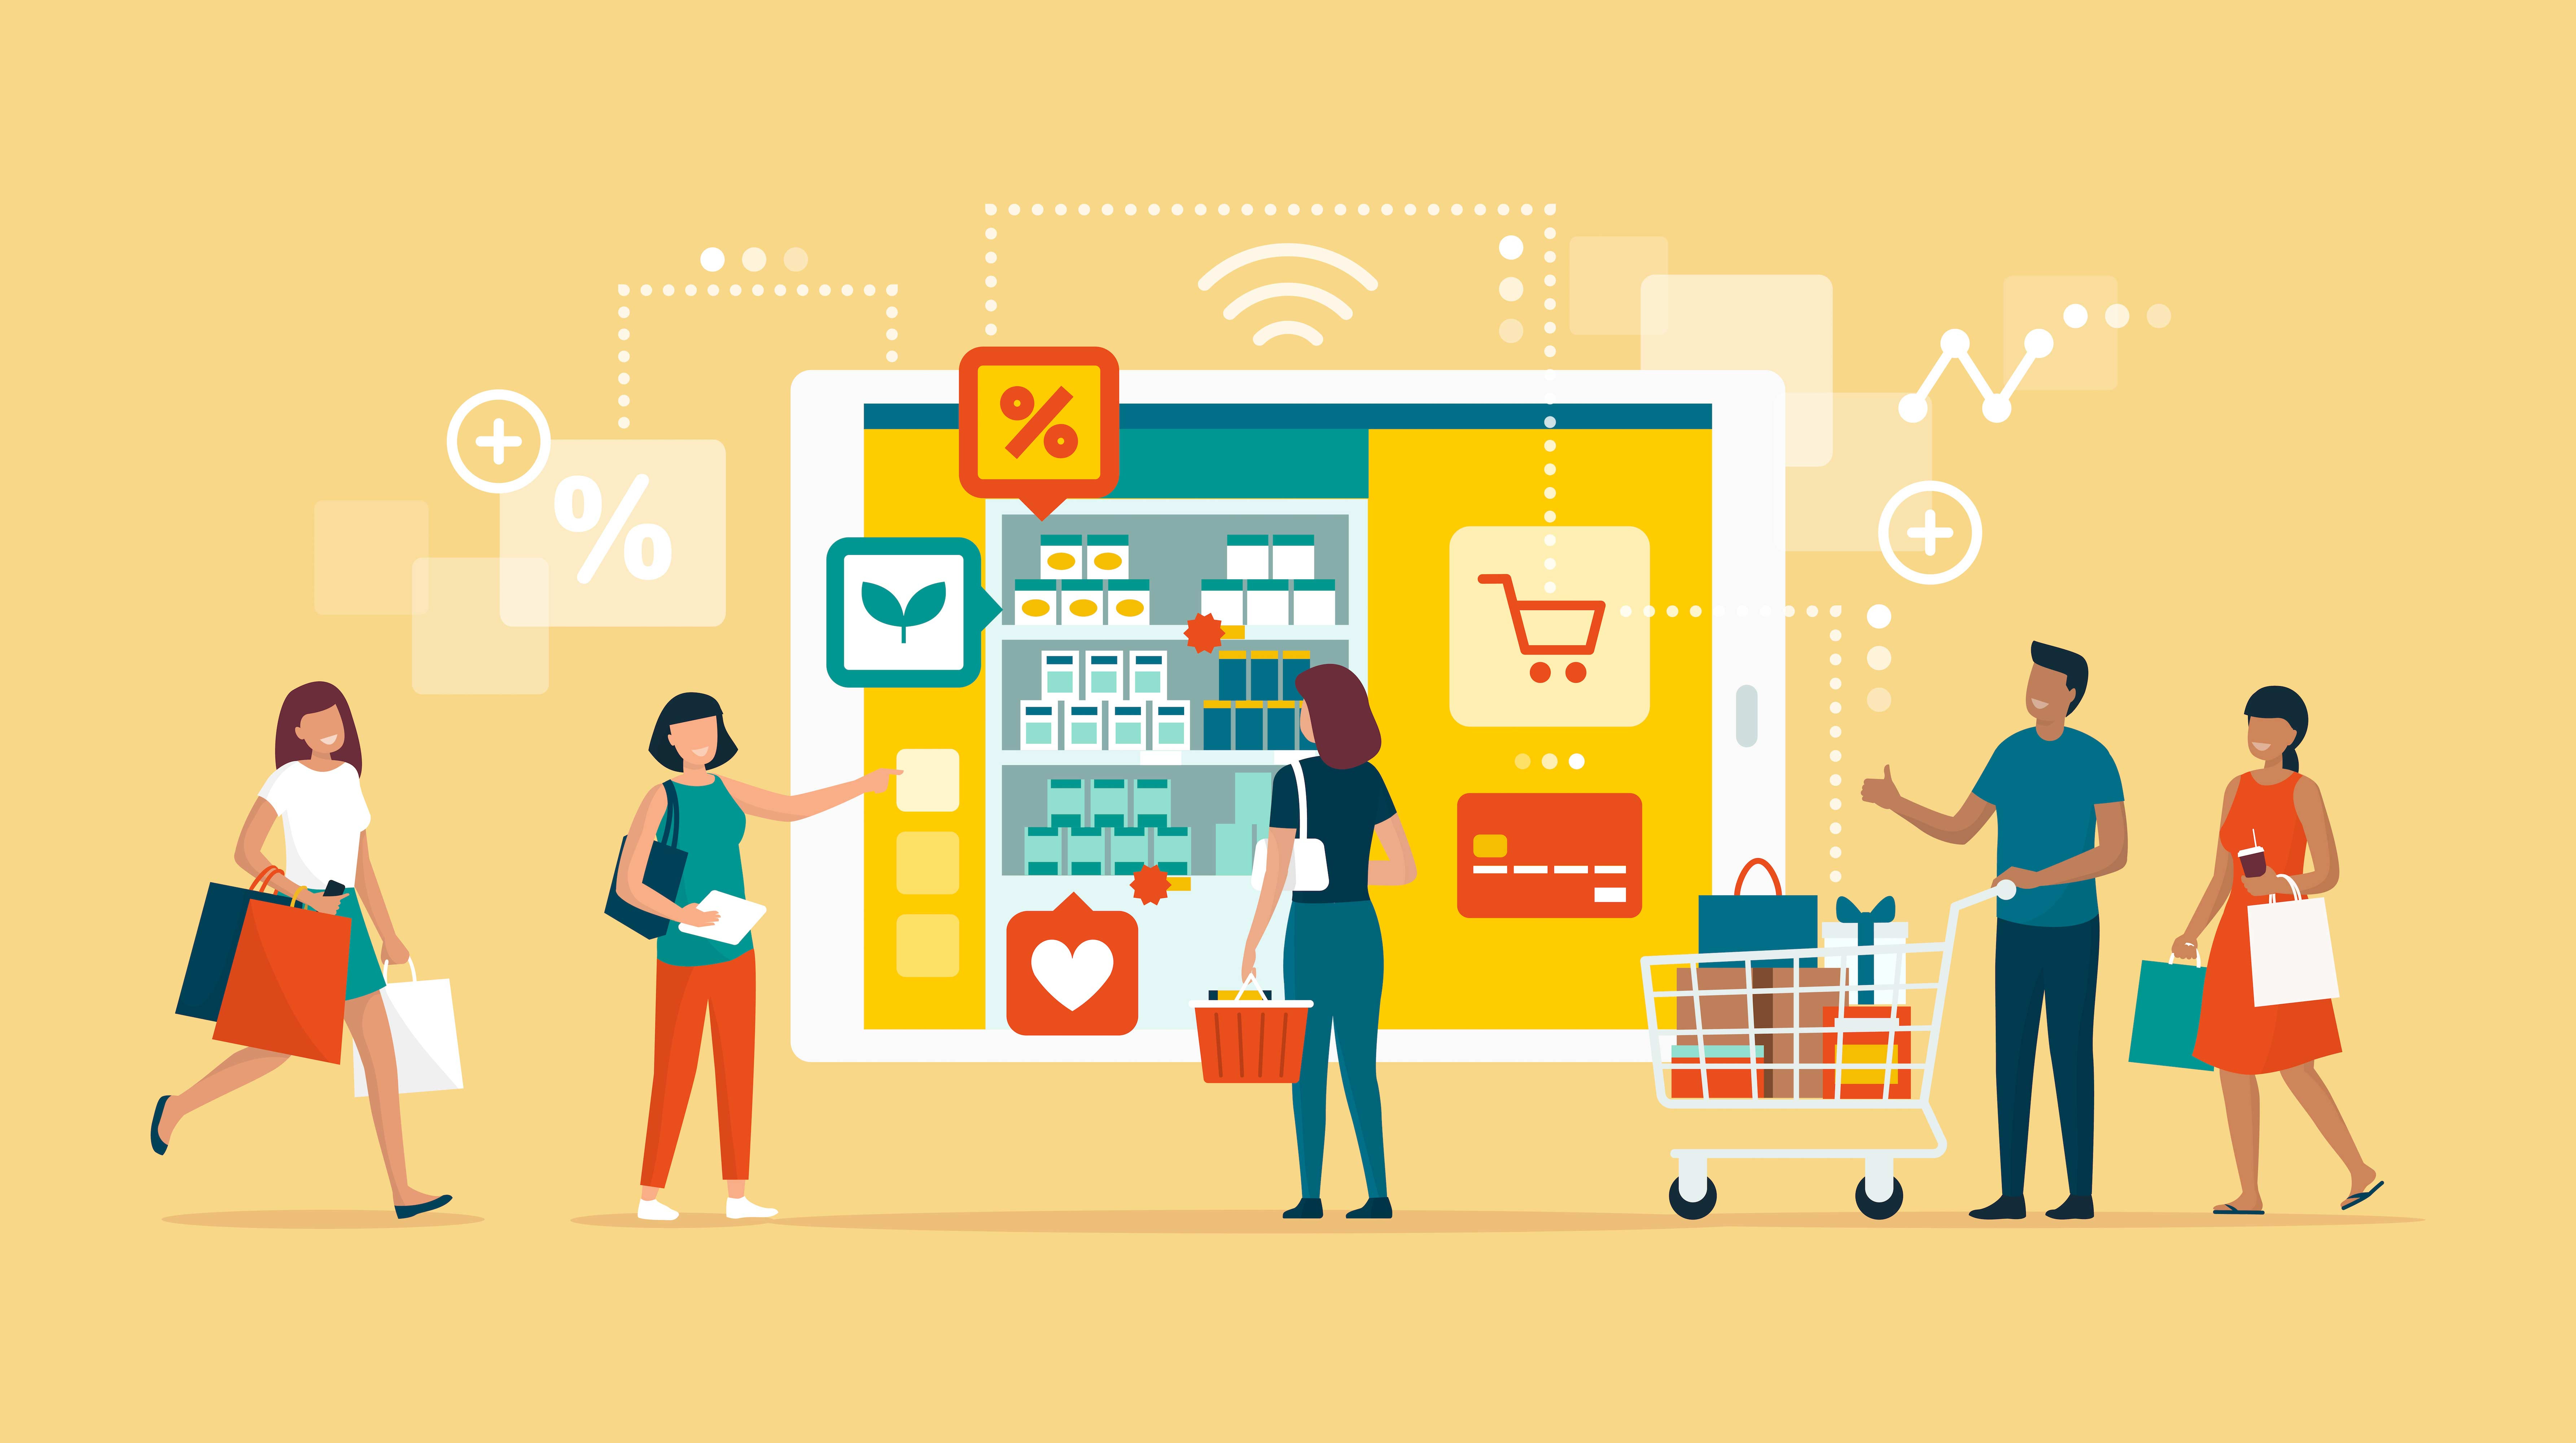 marketplaces-refuerzan-oferta-de-productos-de-primera-necesidad